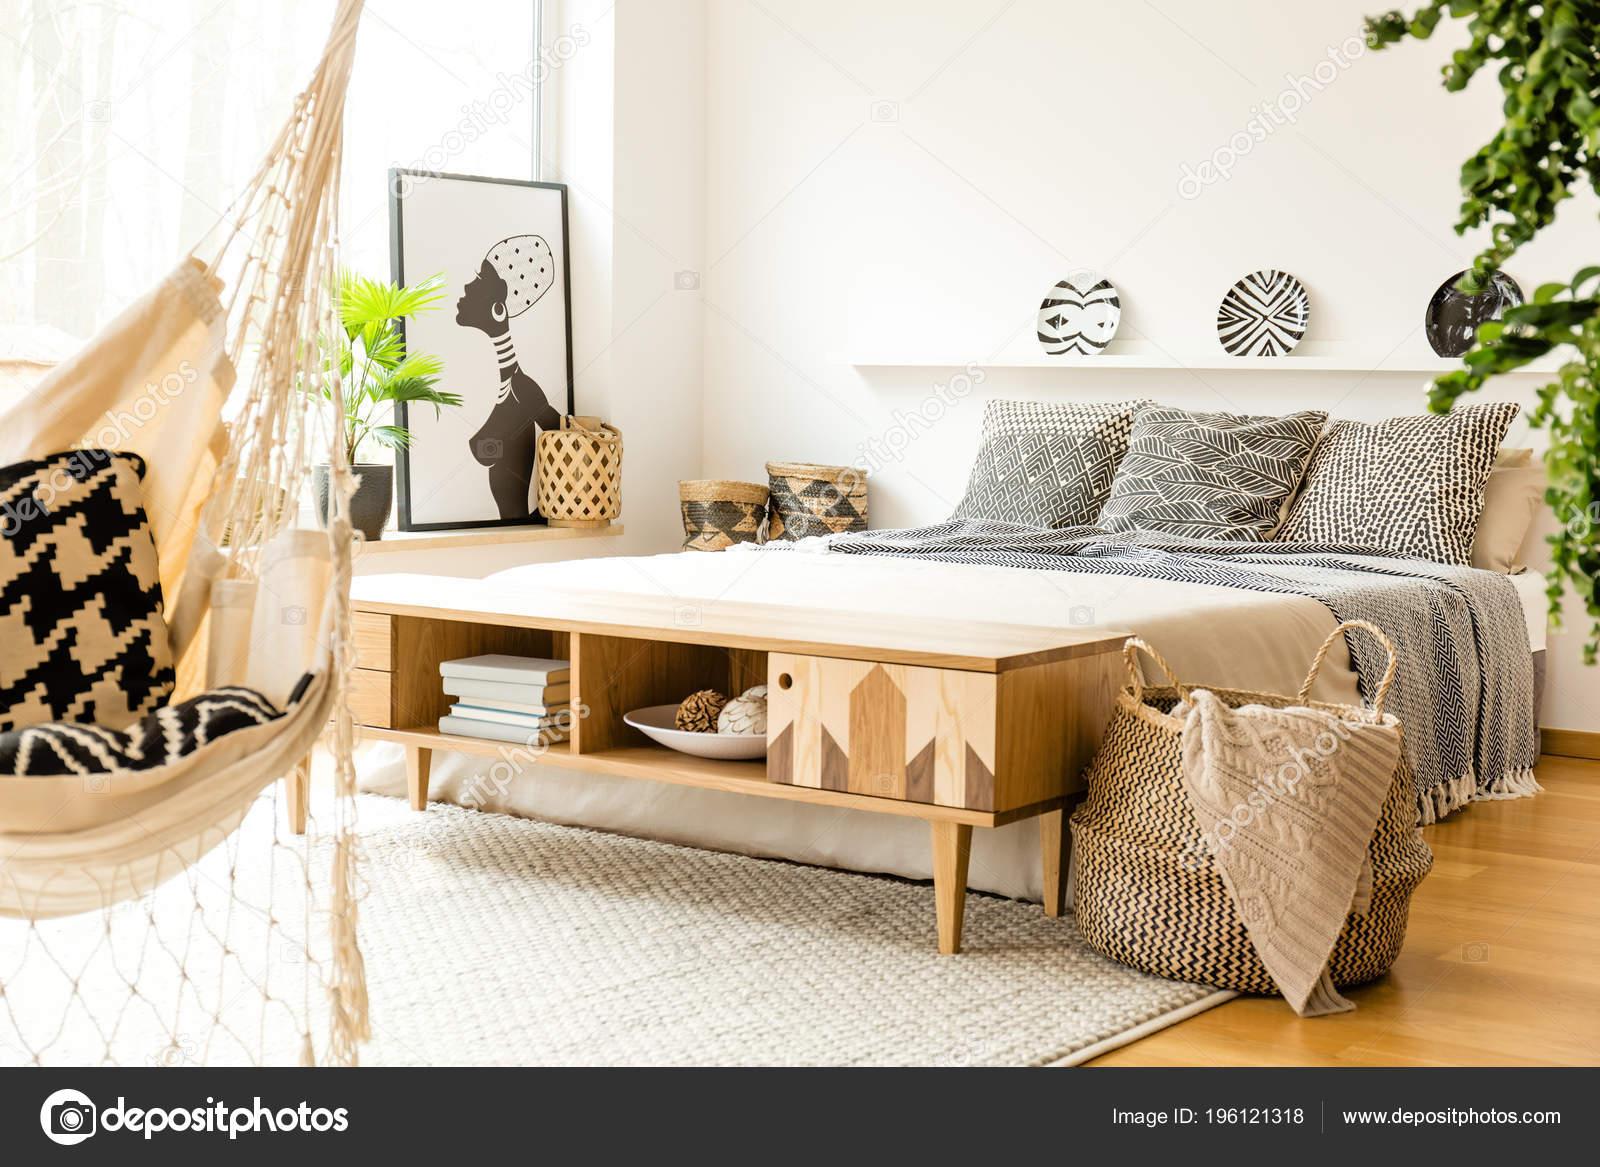 Letto Rustico Legno : Letti rustici in legno camere da letto in legno rustico perfect